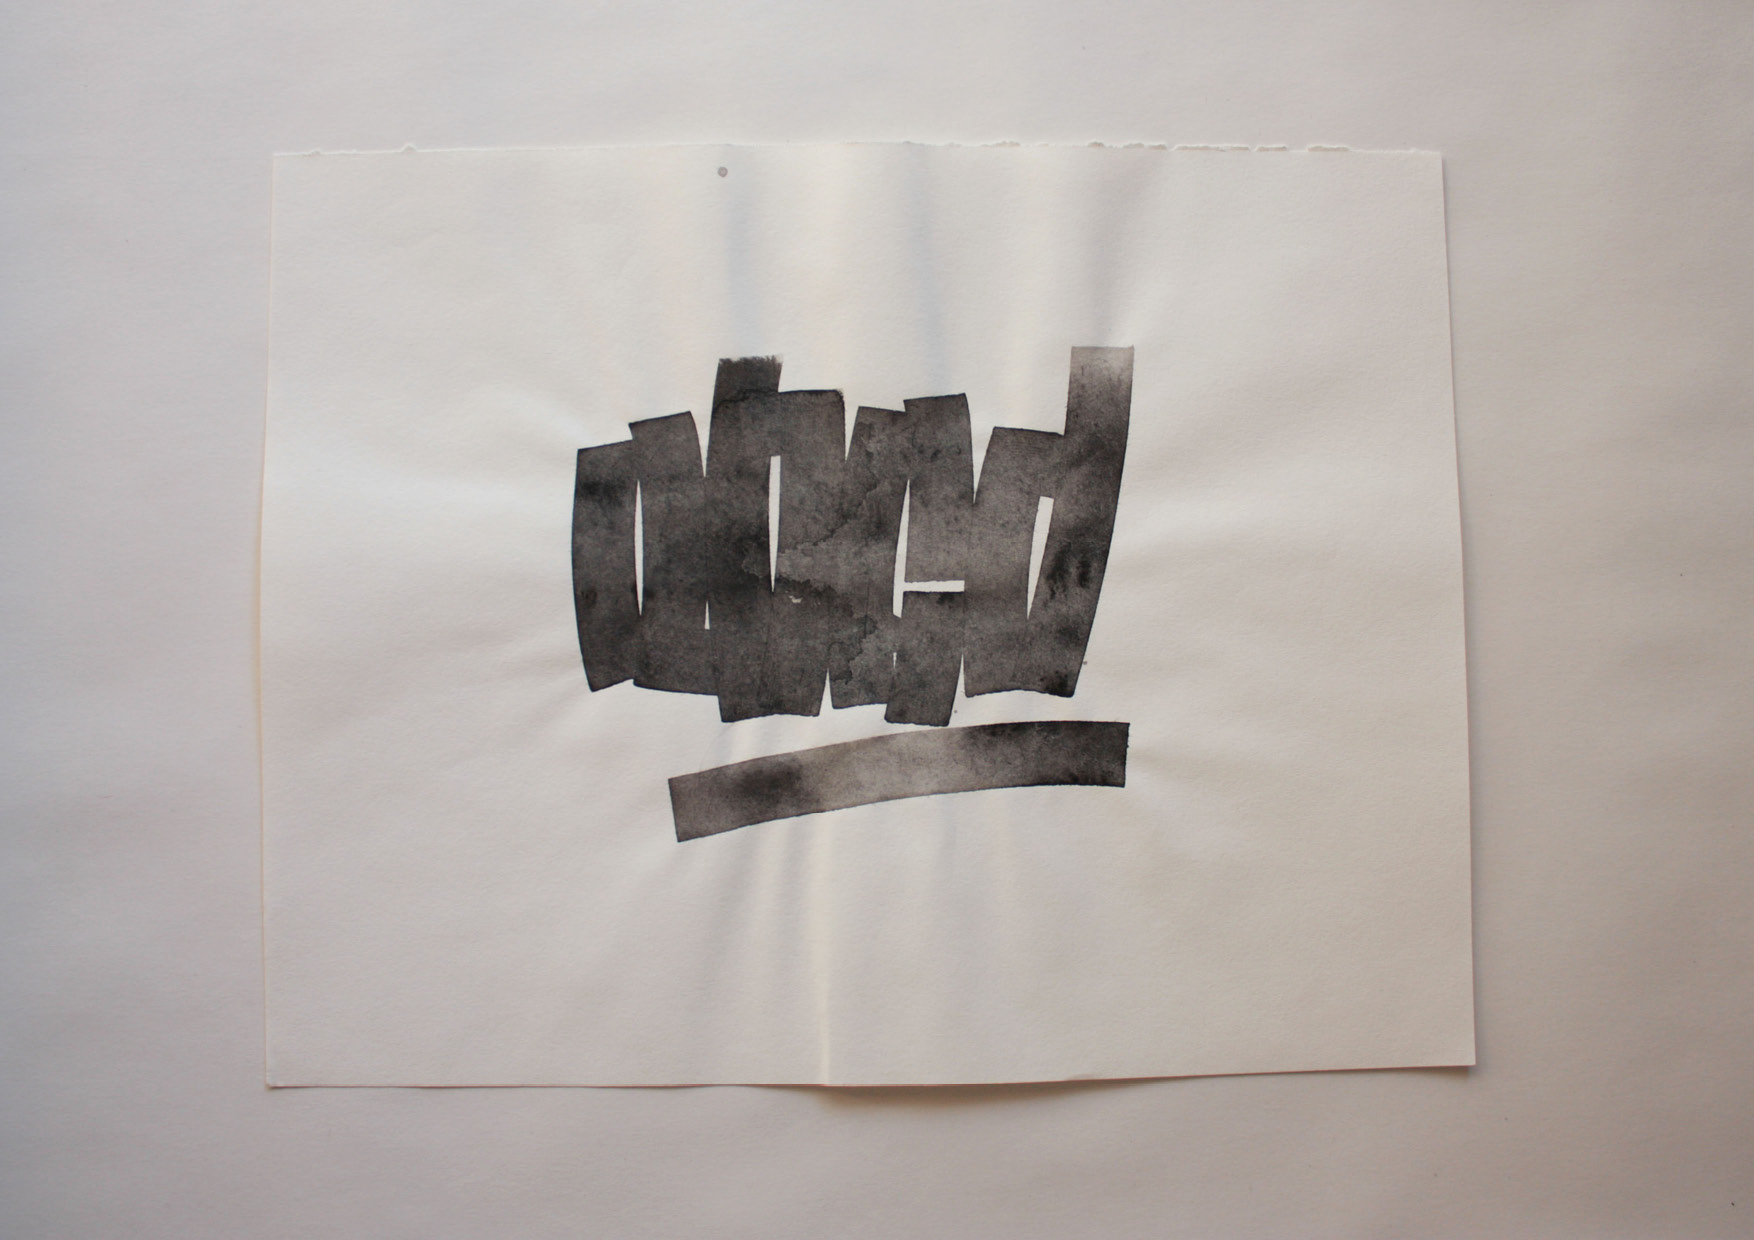 abcdTavola ispirata alle prime lettere dell'alfabeto. Classico no? Ma lo riconosci?Parallel Pen e inchiostro Sumi su carta.350x280 mm2019